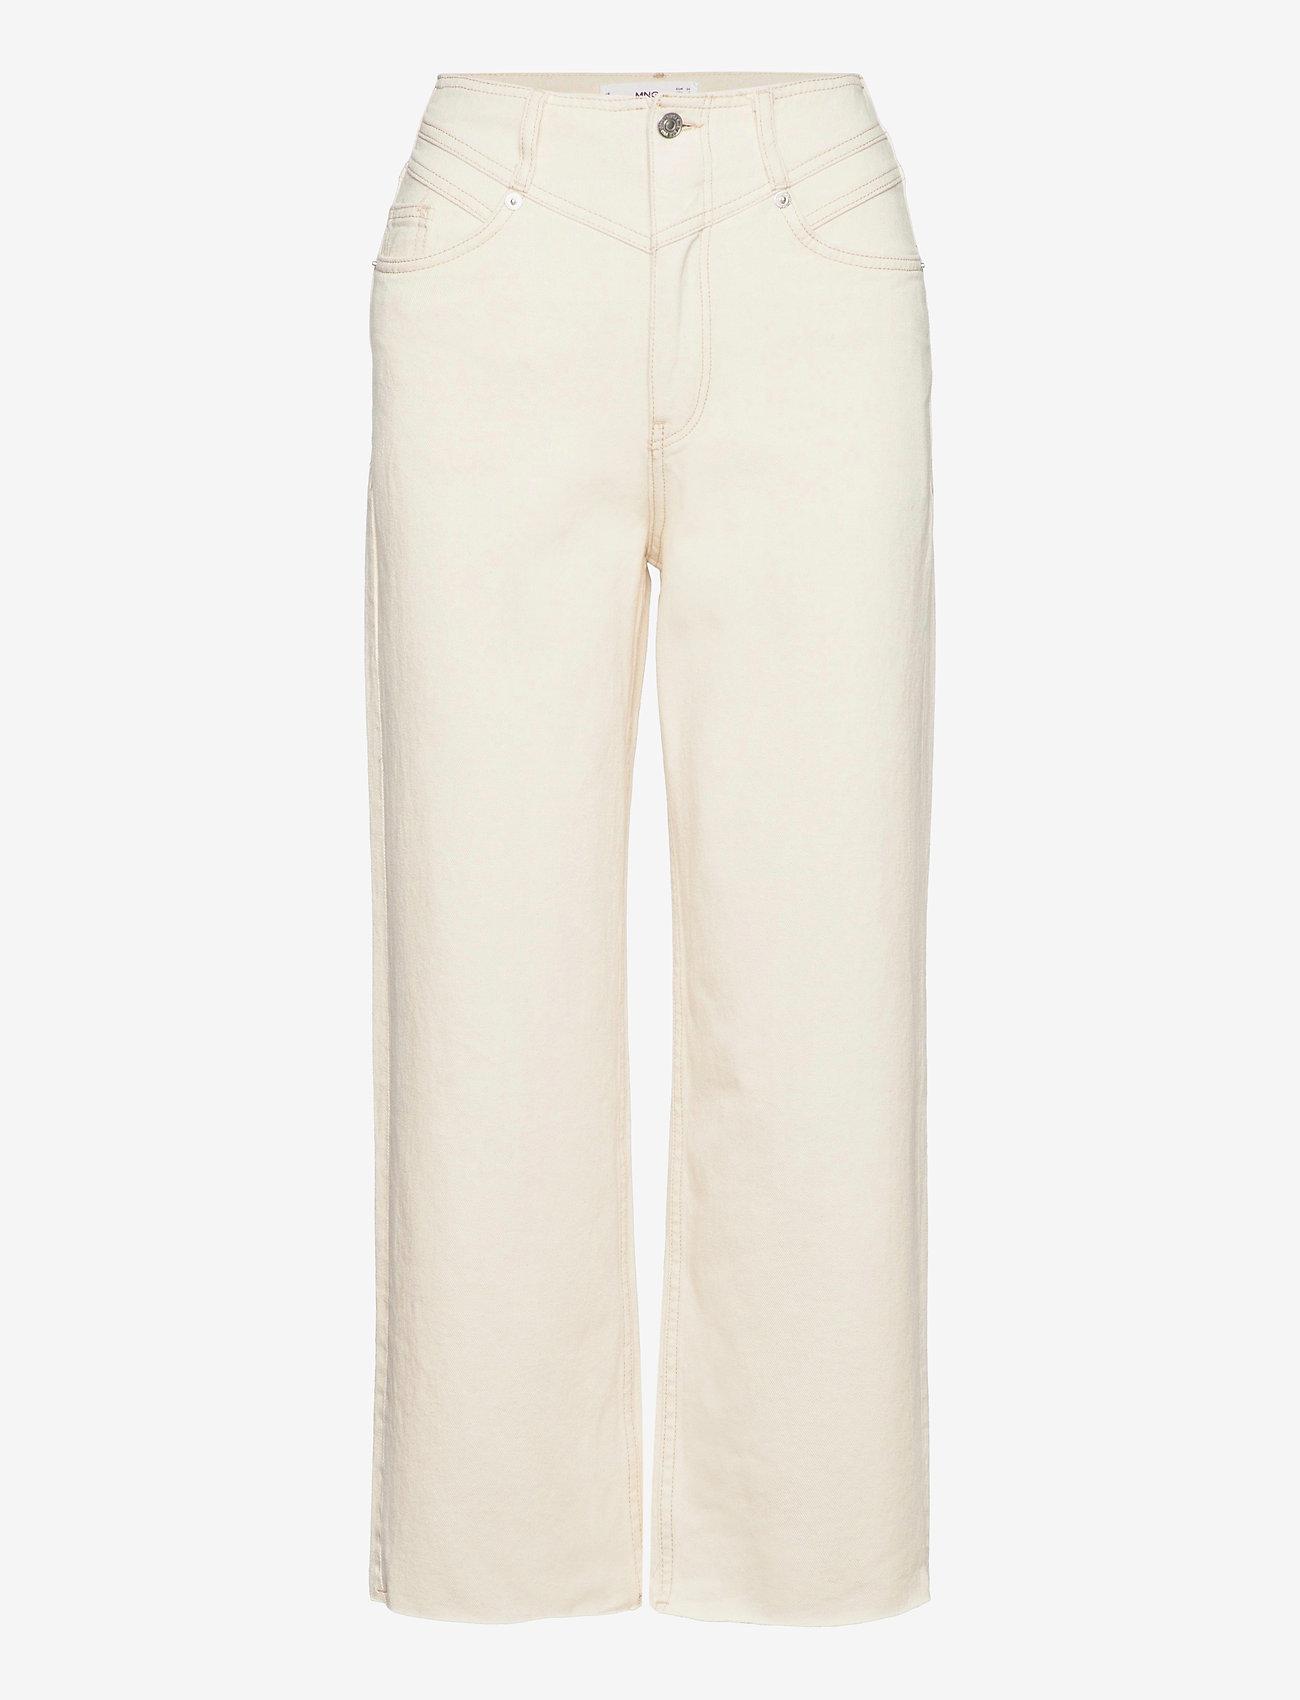 Mango - JULIETA - bukser med brede ben - light beige - 0